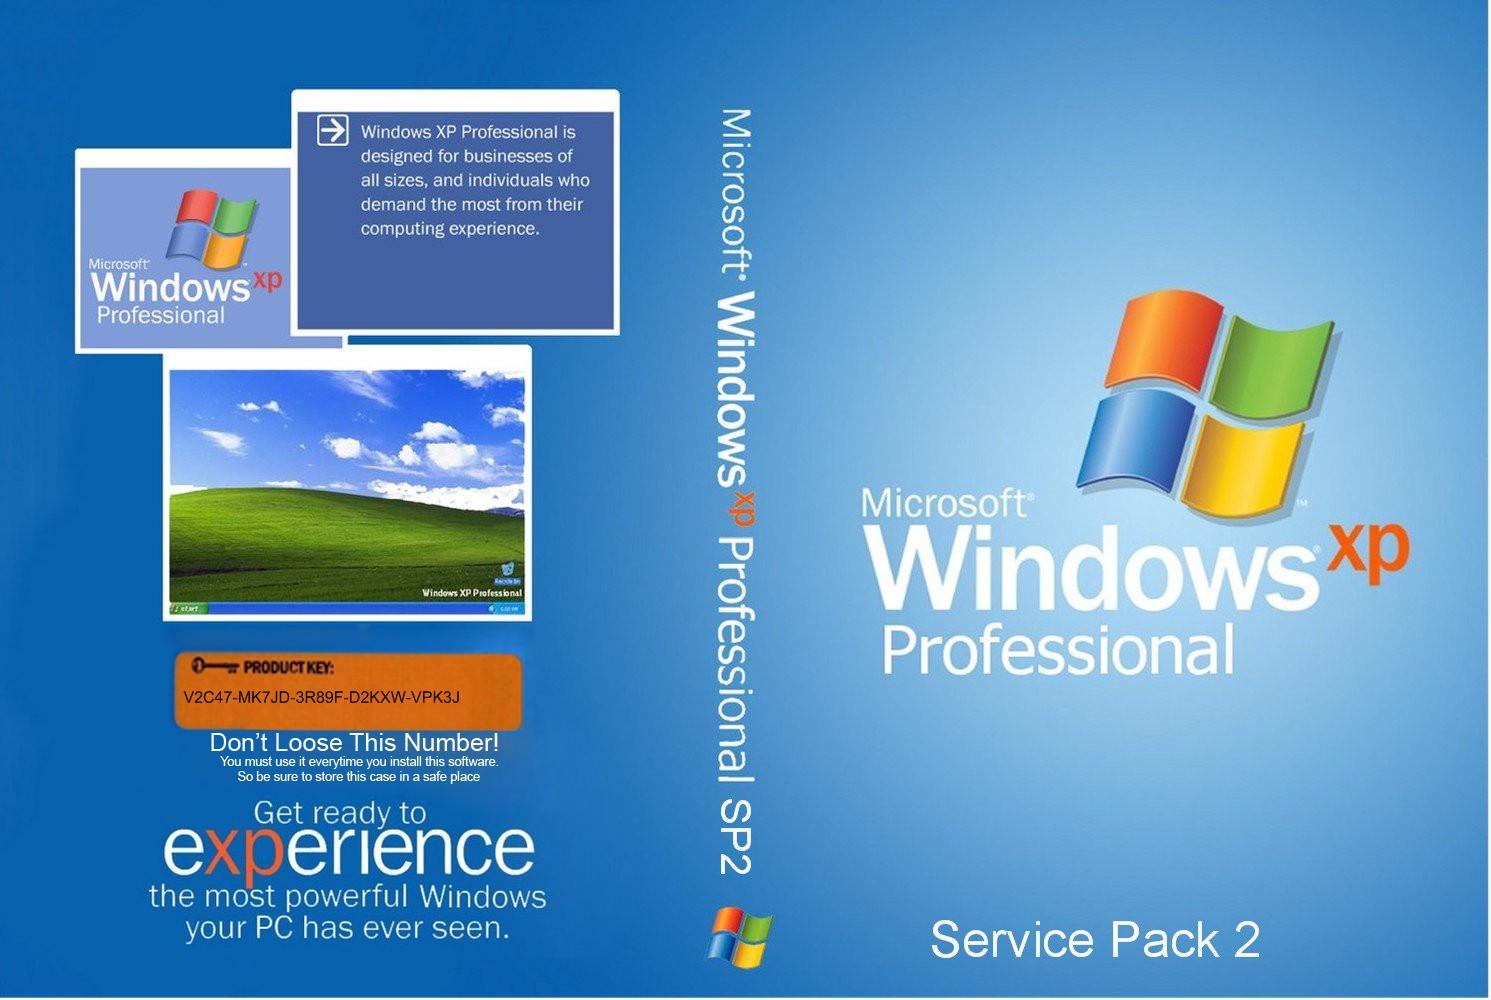 Windows xp service pack 2 i386 folder download forgeallworld's blog.